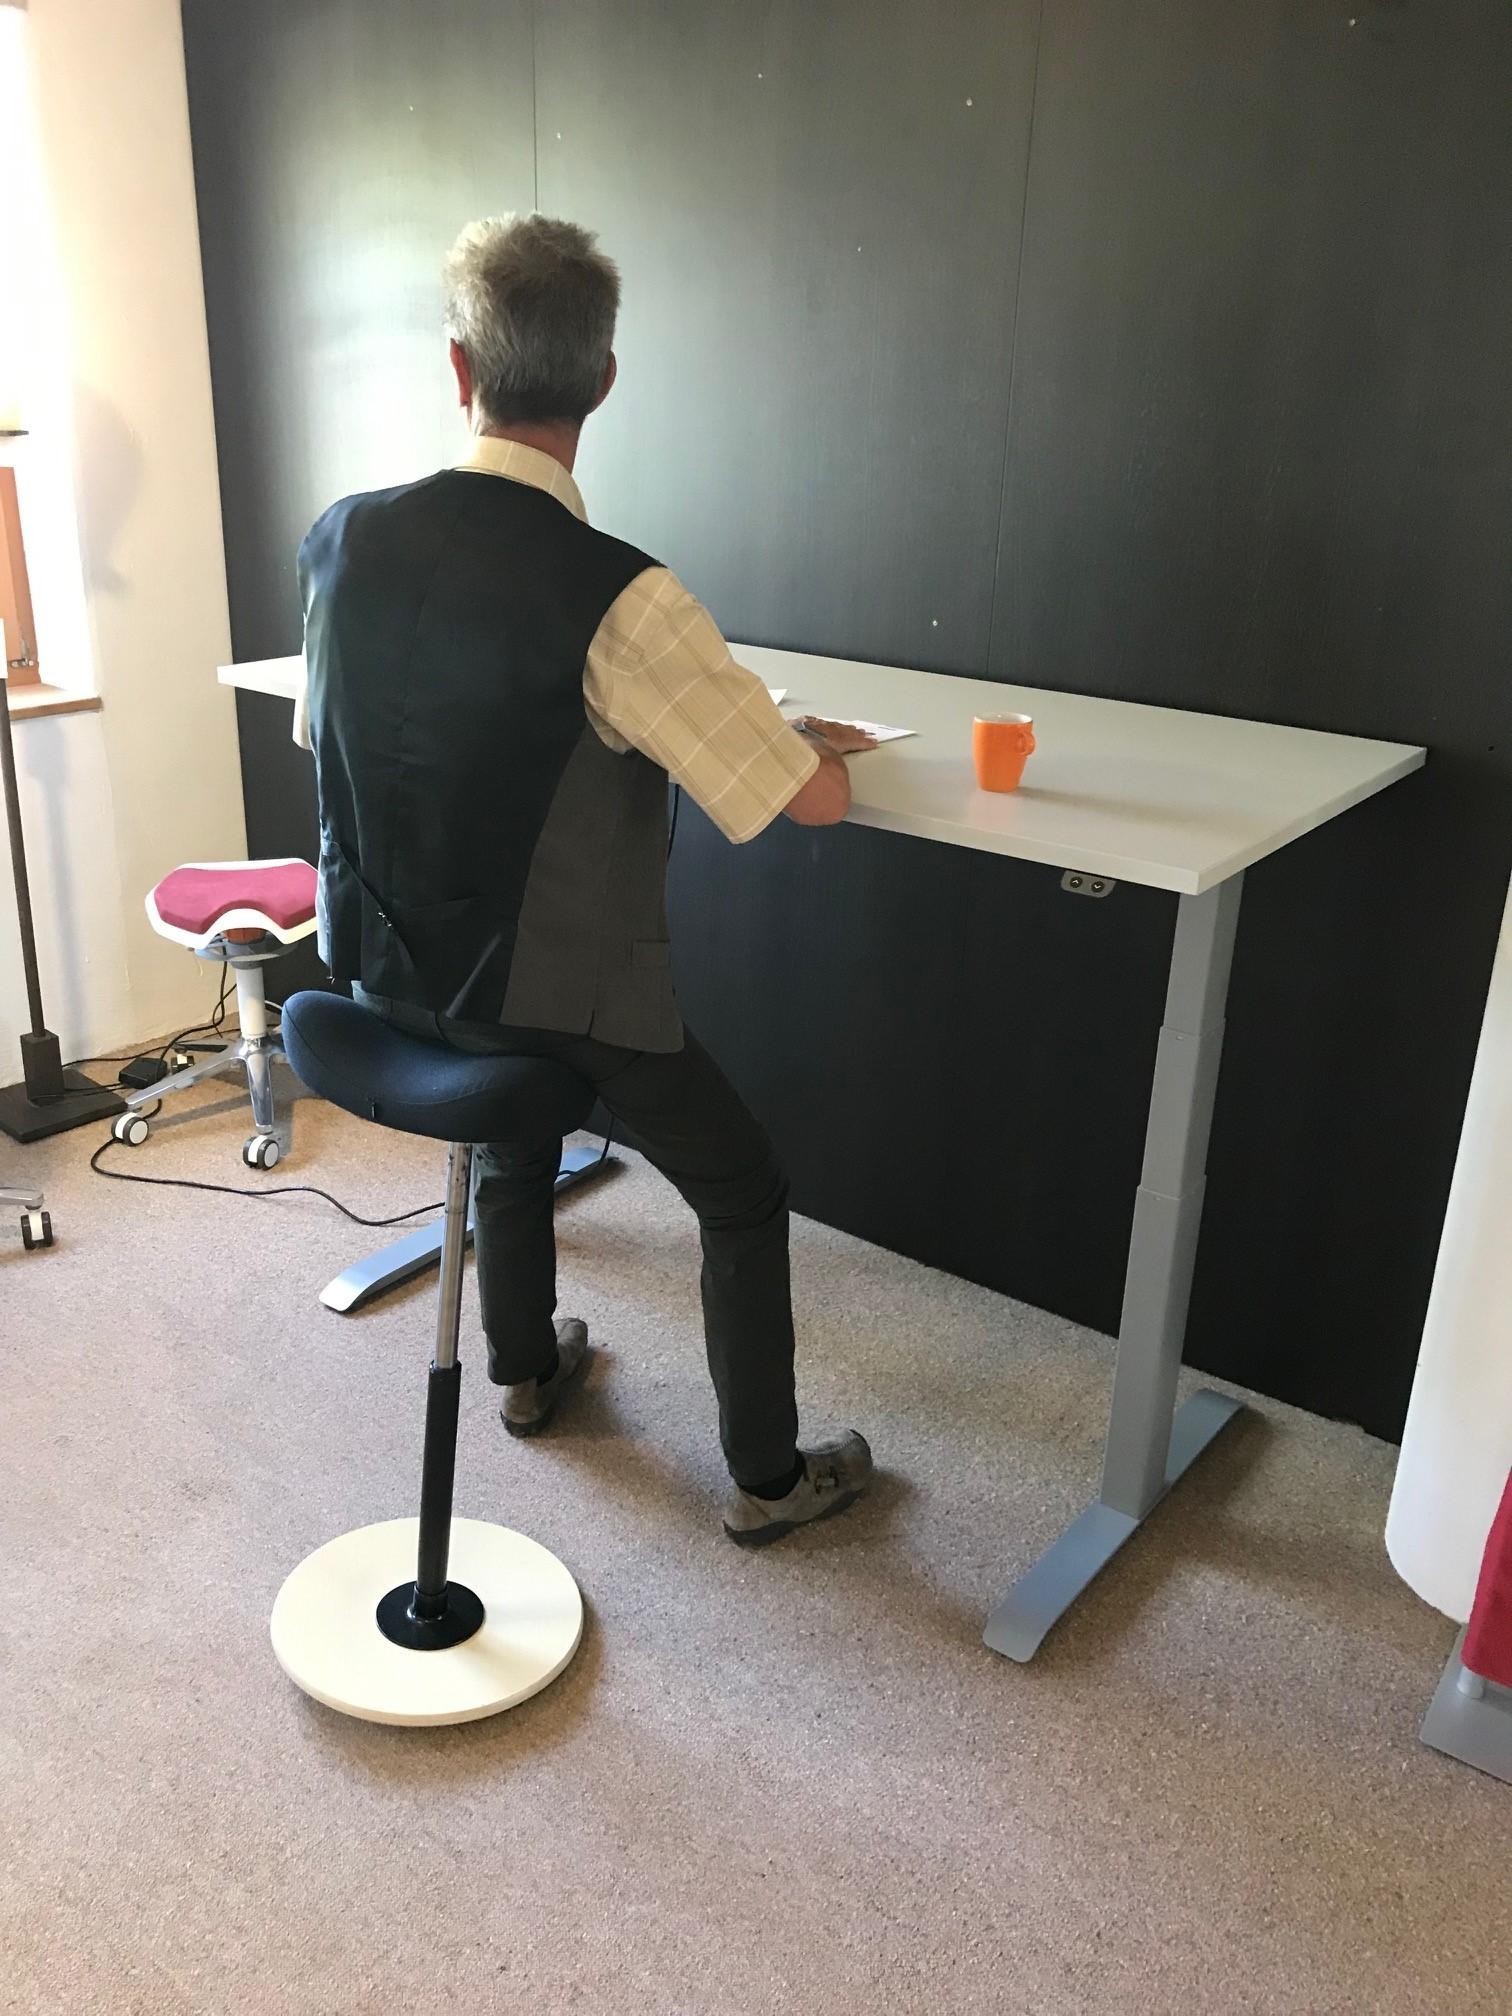 Schreibtisch / Stehpult elektrisch höhenverstellbar, Gestell schwarz 08